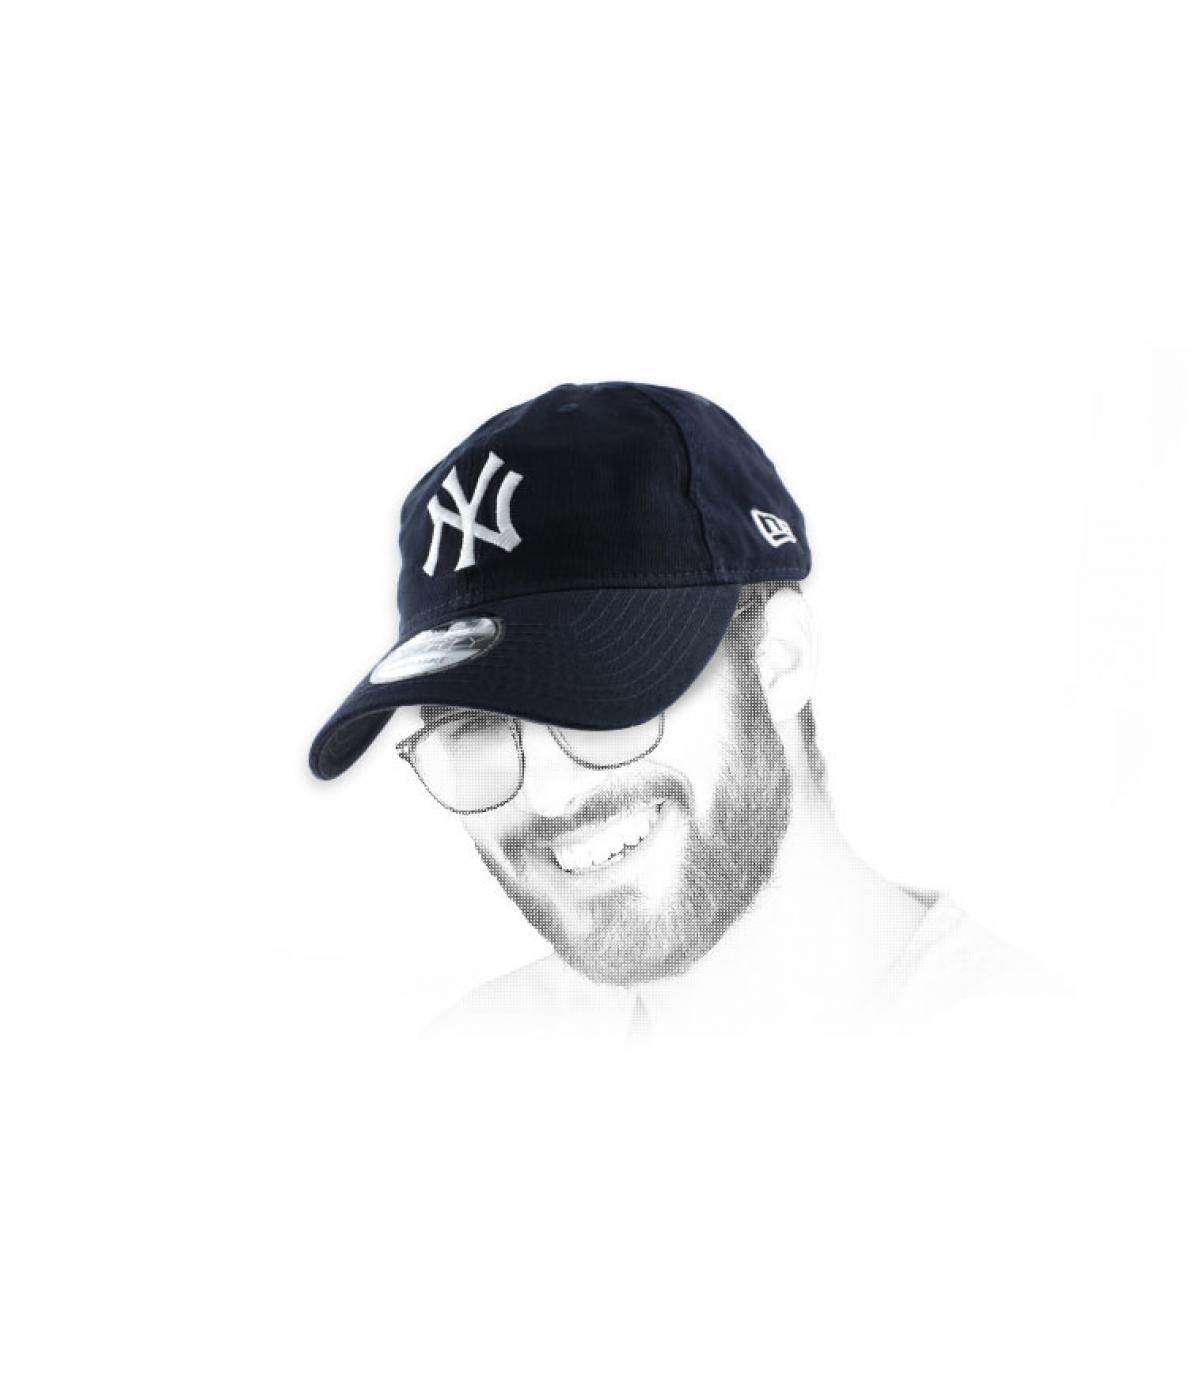 NY estructurado azul gorra